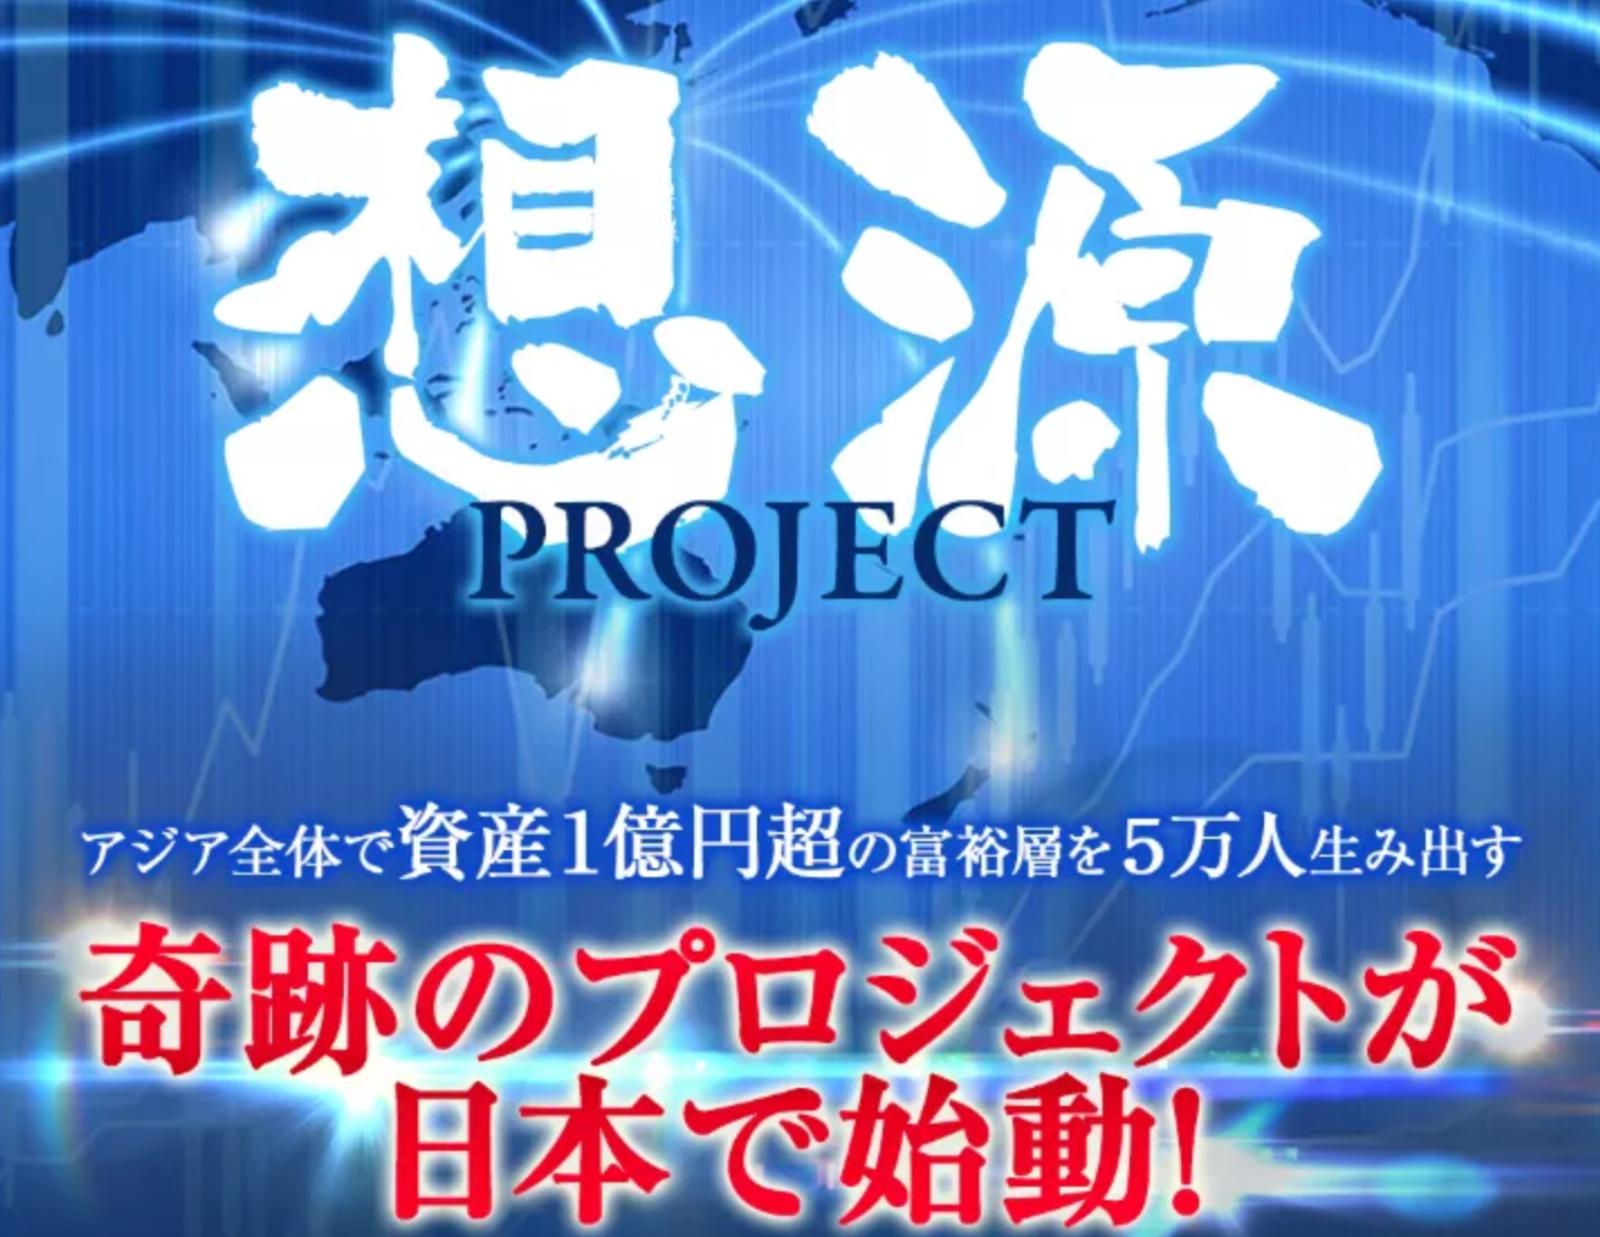 清水聖子さんの想源プロジェクトレター